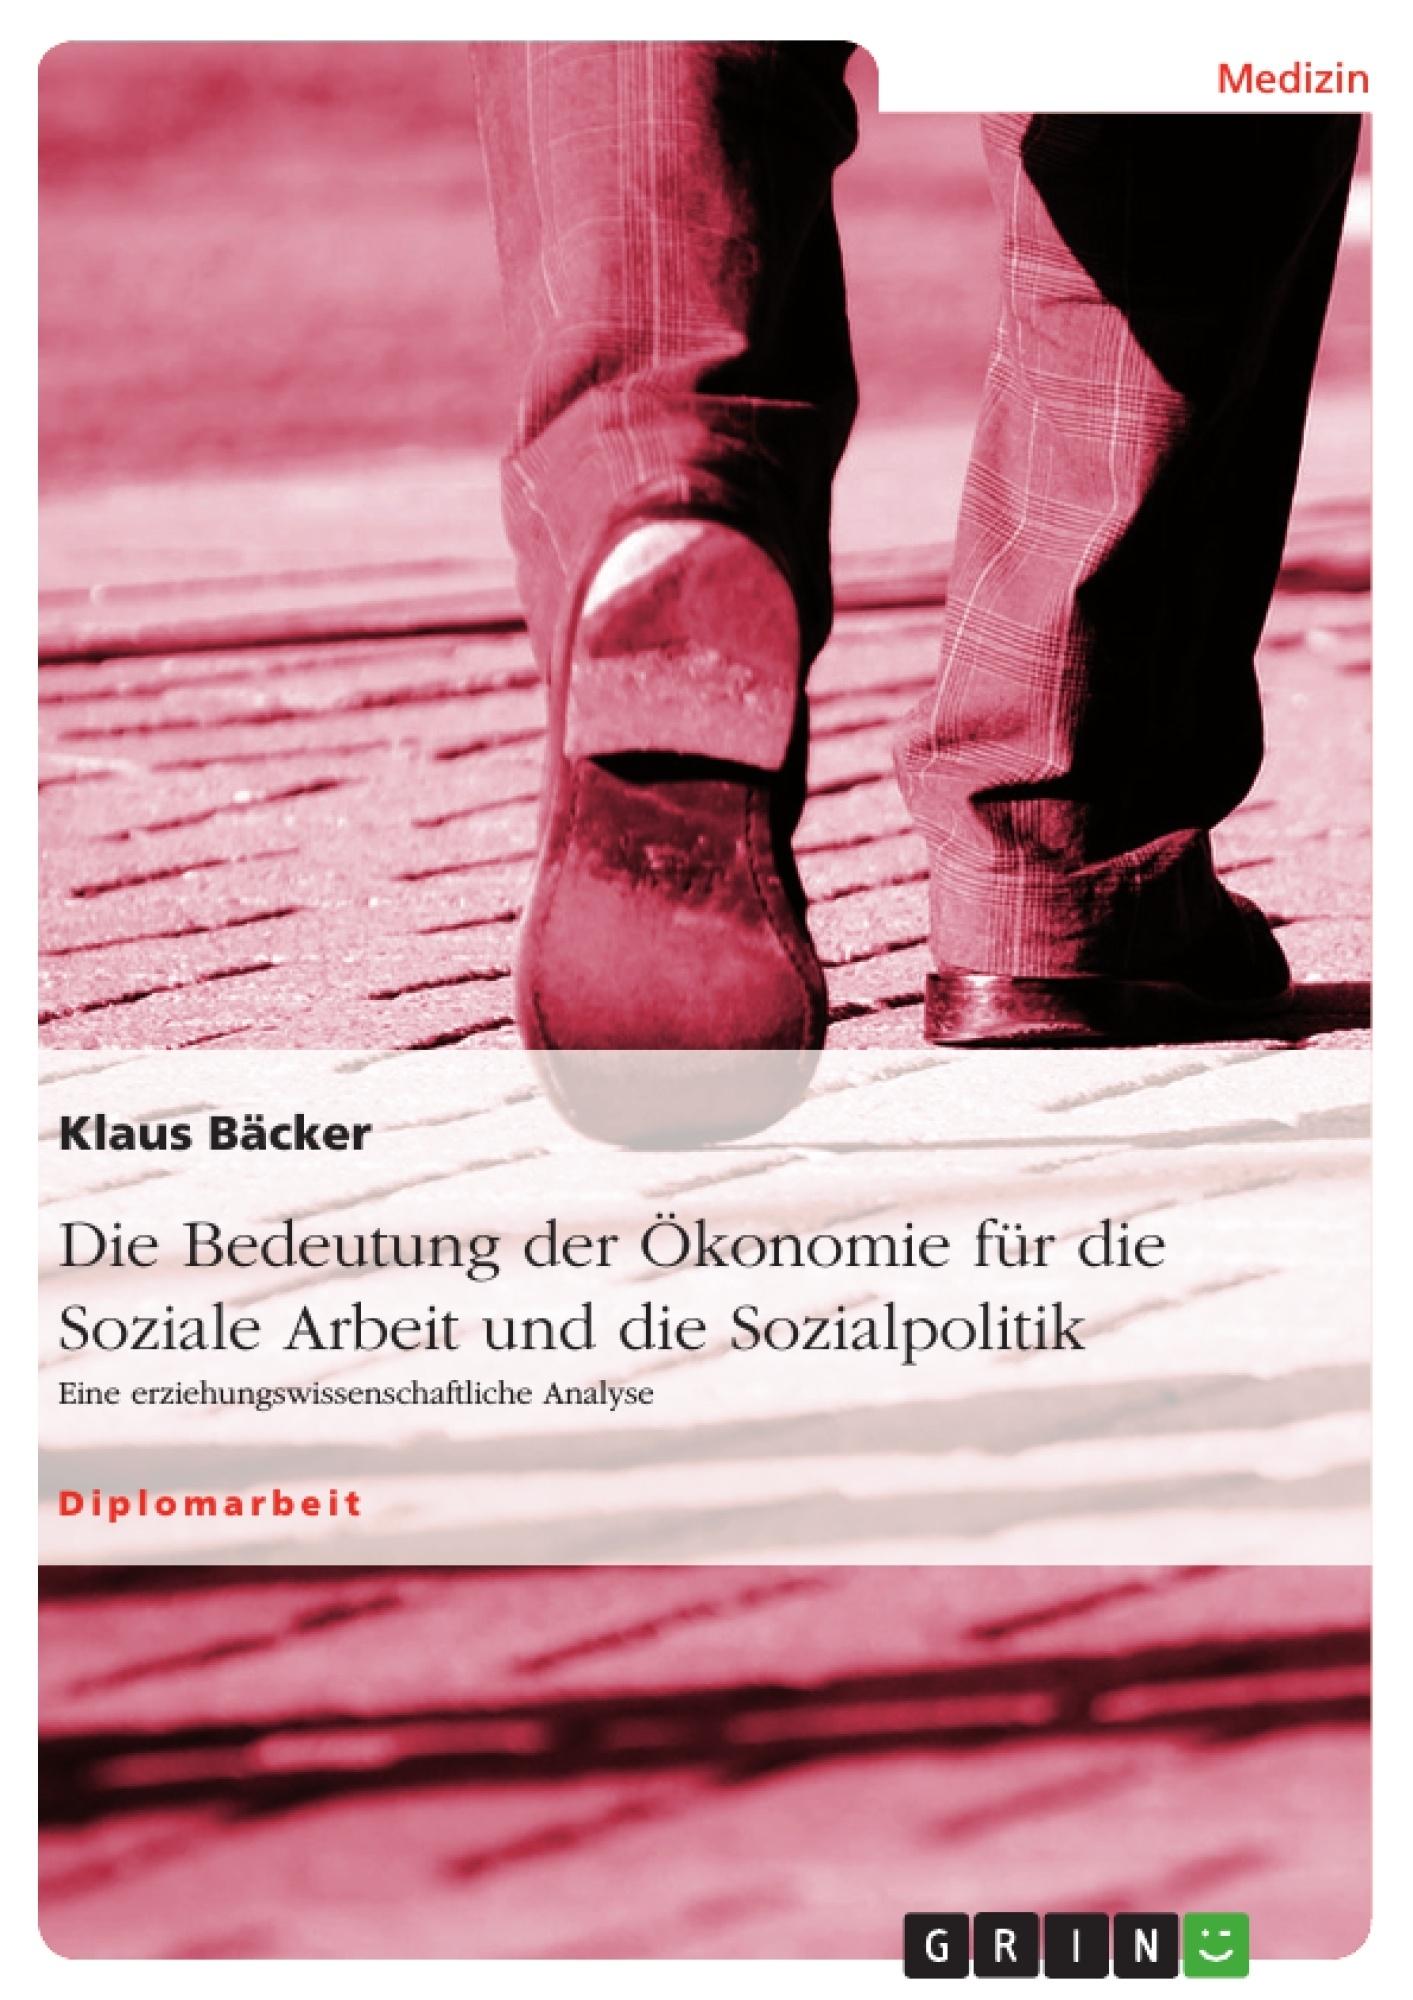 Titel: Die Bedeutung der Ökonomie für die Soziale Arbeit und die Sozialpolitik